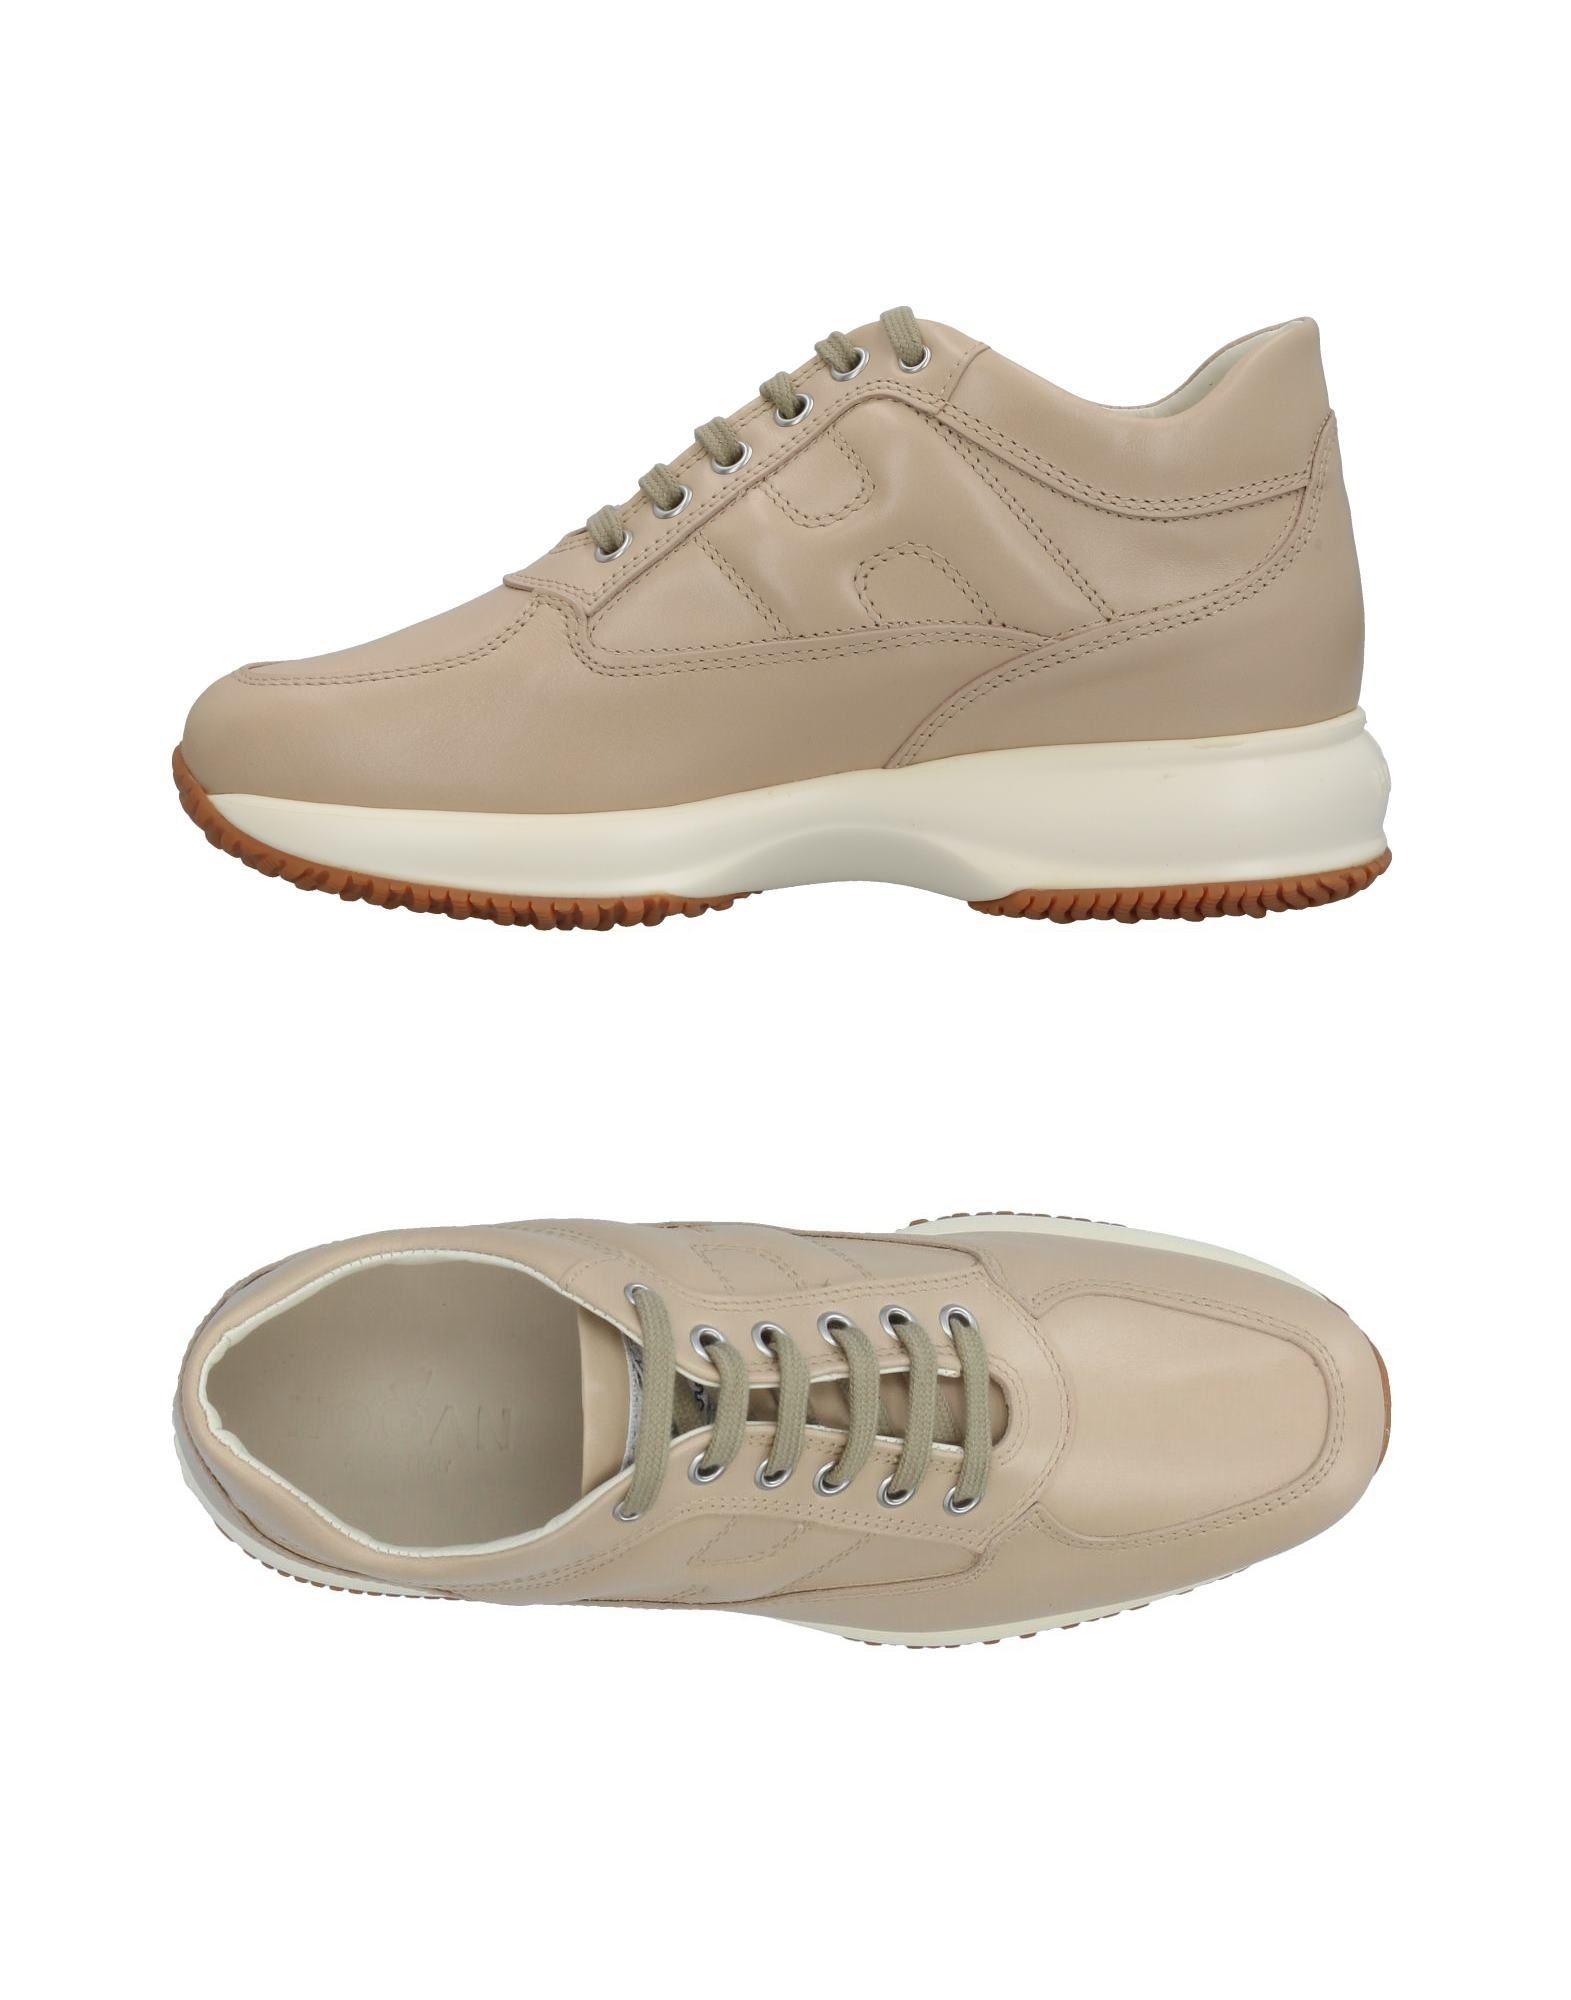 69633f64b94 Hogan Γυναίκα - αγόρασε παπούτσια, τσάντες και αθλητικά παπούτσια ...